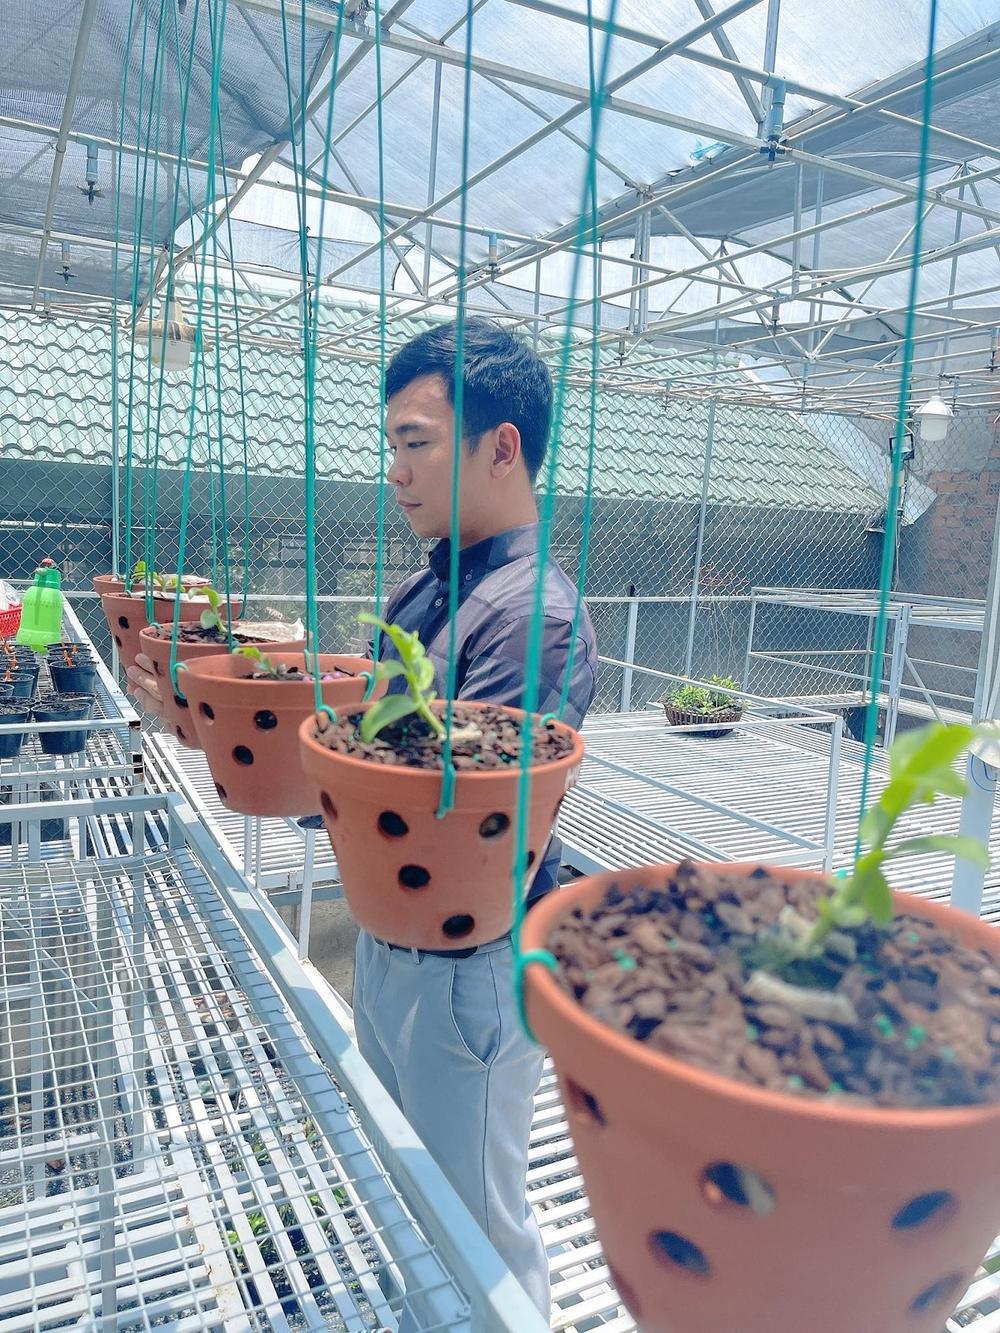 Nghệ nhân hoa lan Trần Quốc Hoà: Hành trình khởi nghiệp thành công đến từ niềm đam mê mãnh liệt với hoa lan Ảnh 4